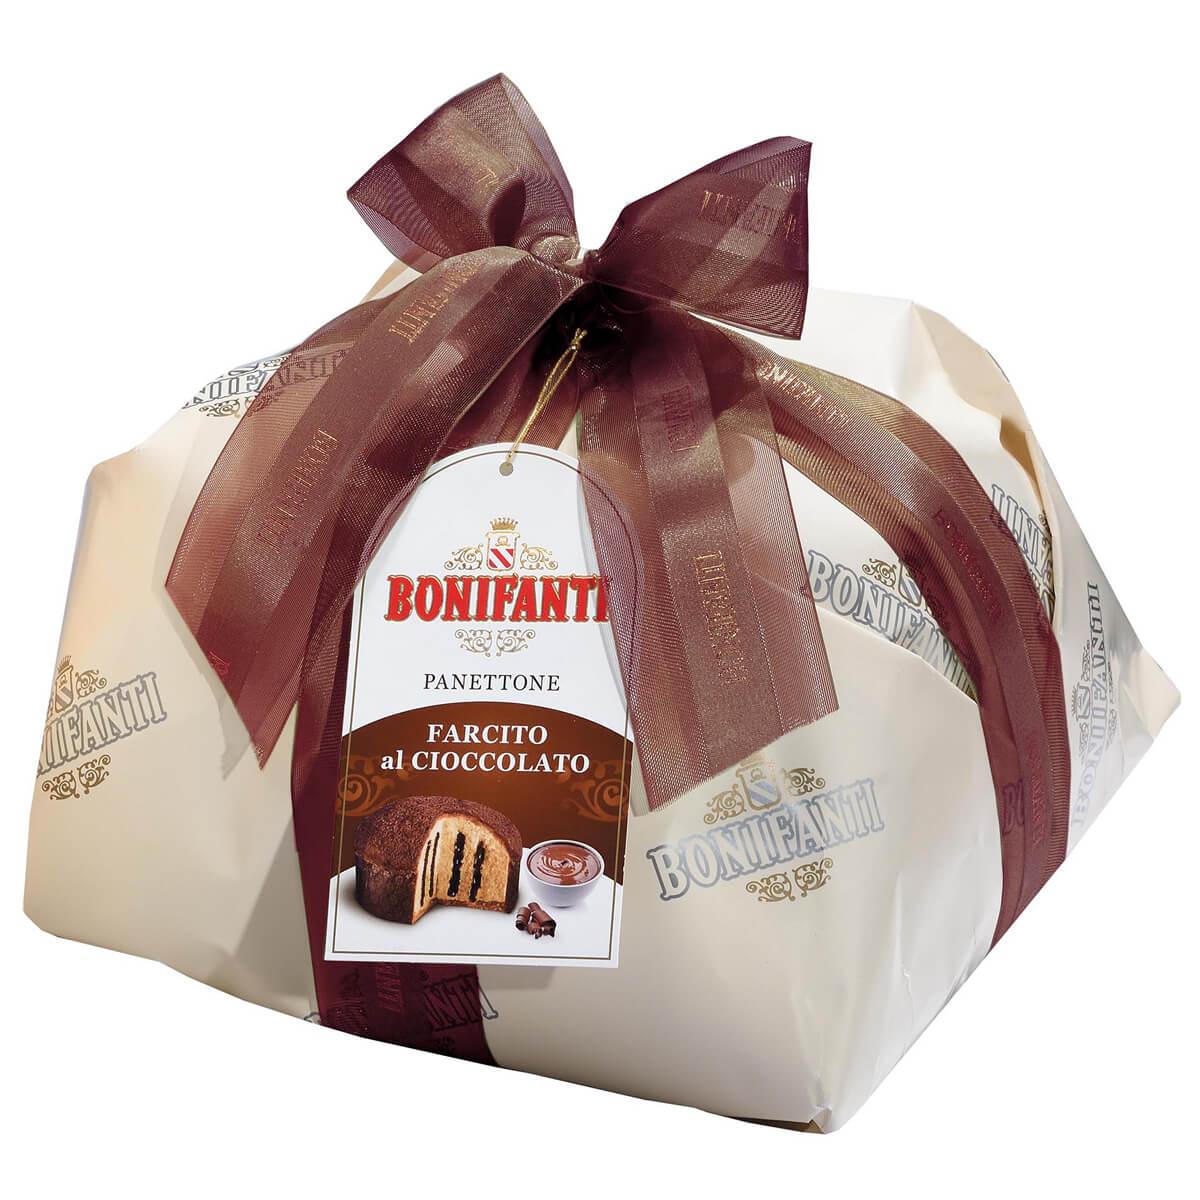 Panettone cu Crema de Ciocolata